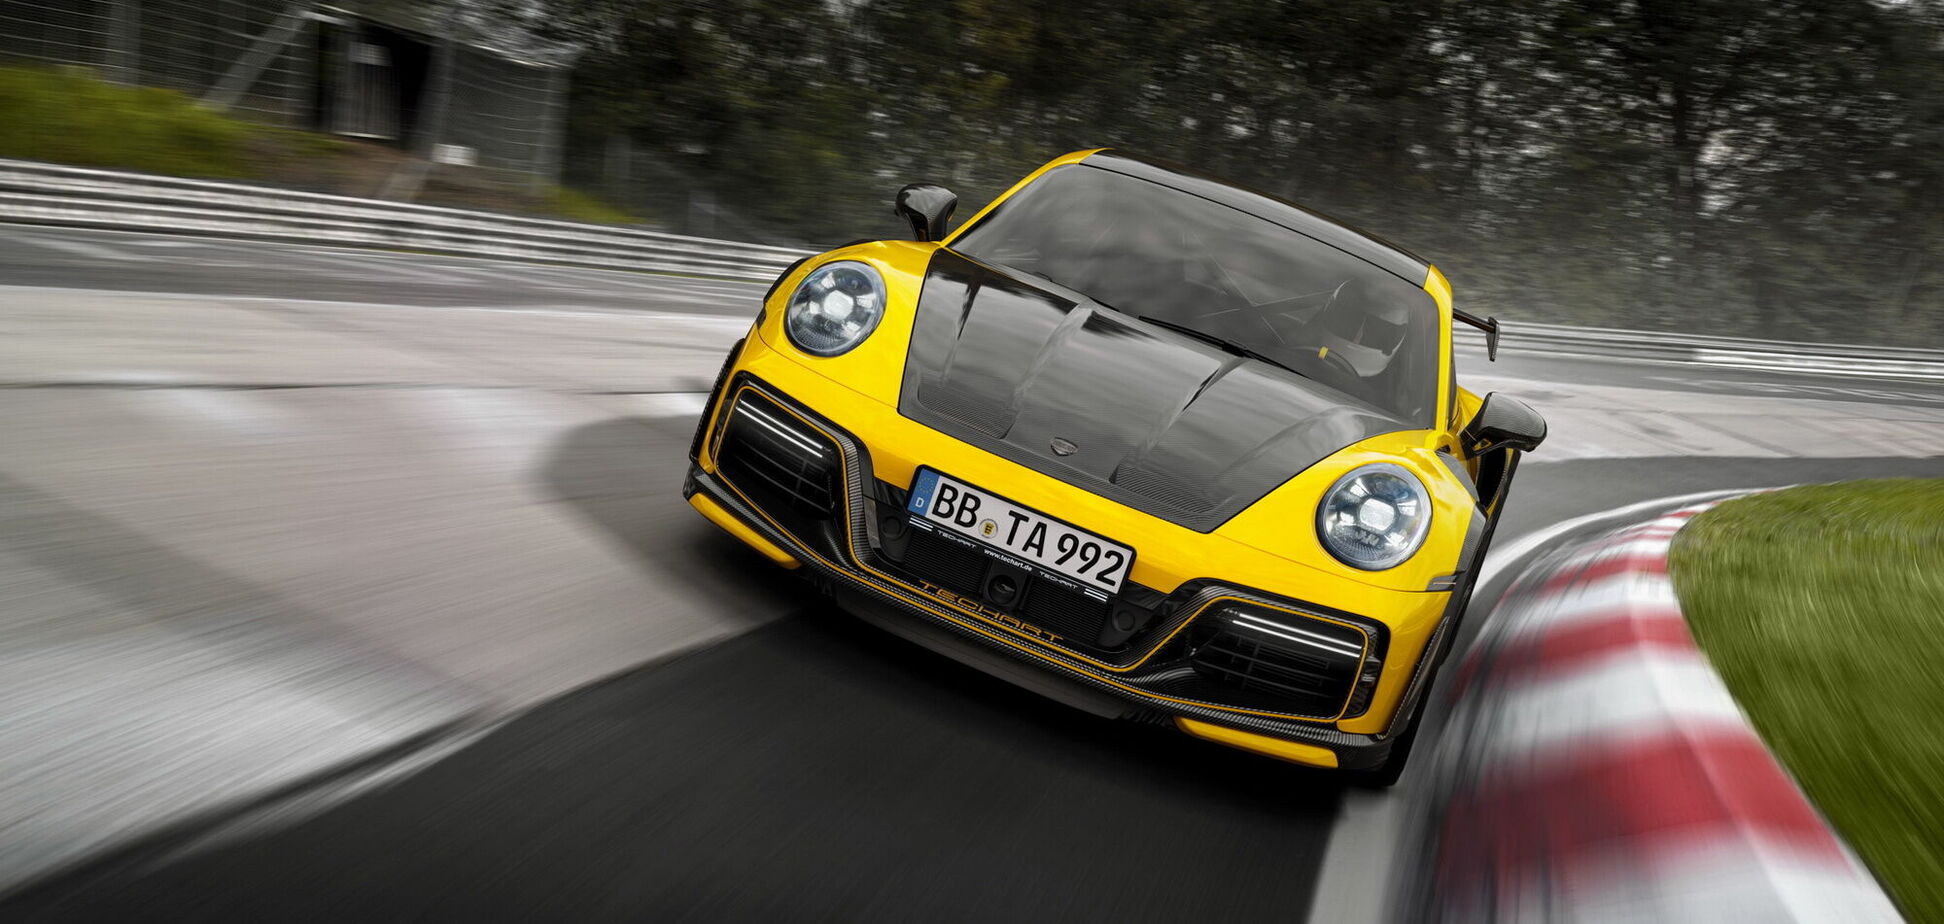 Ателье TechArt представило свое видение Porsche 911 Turbo